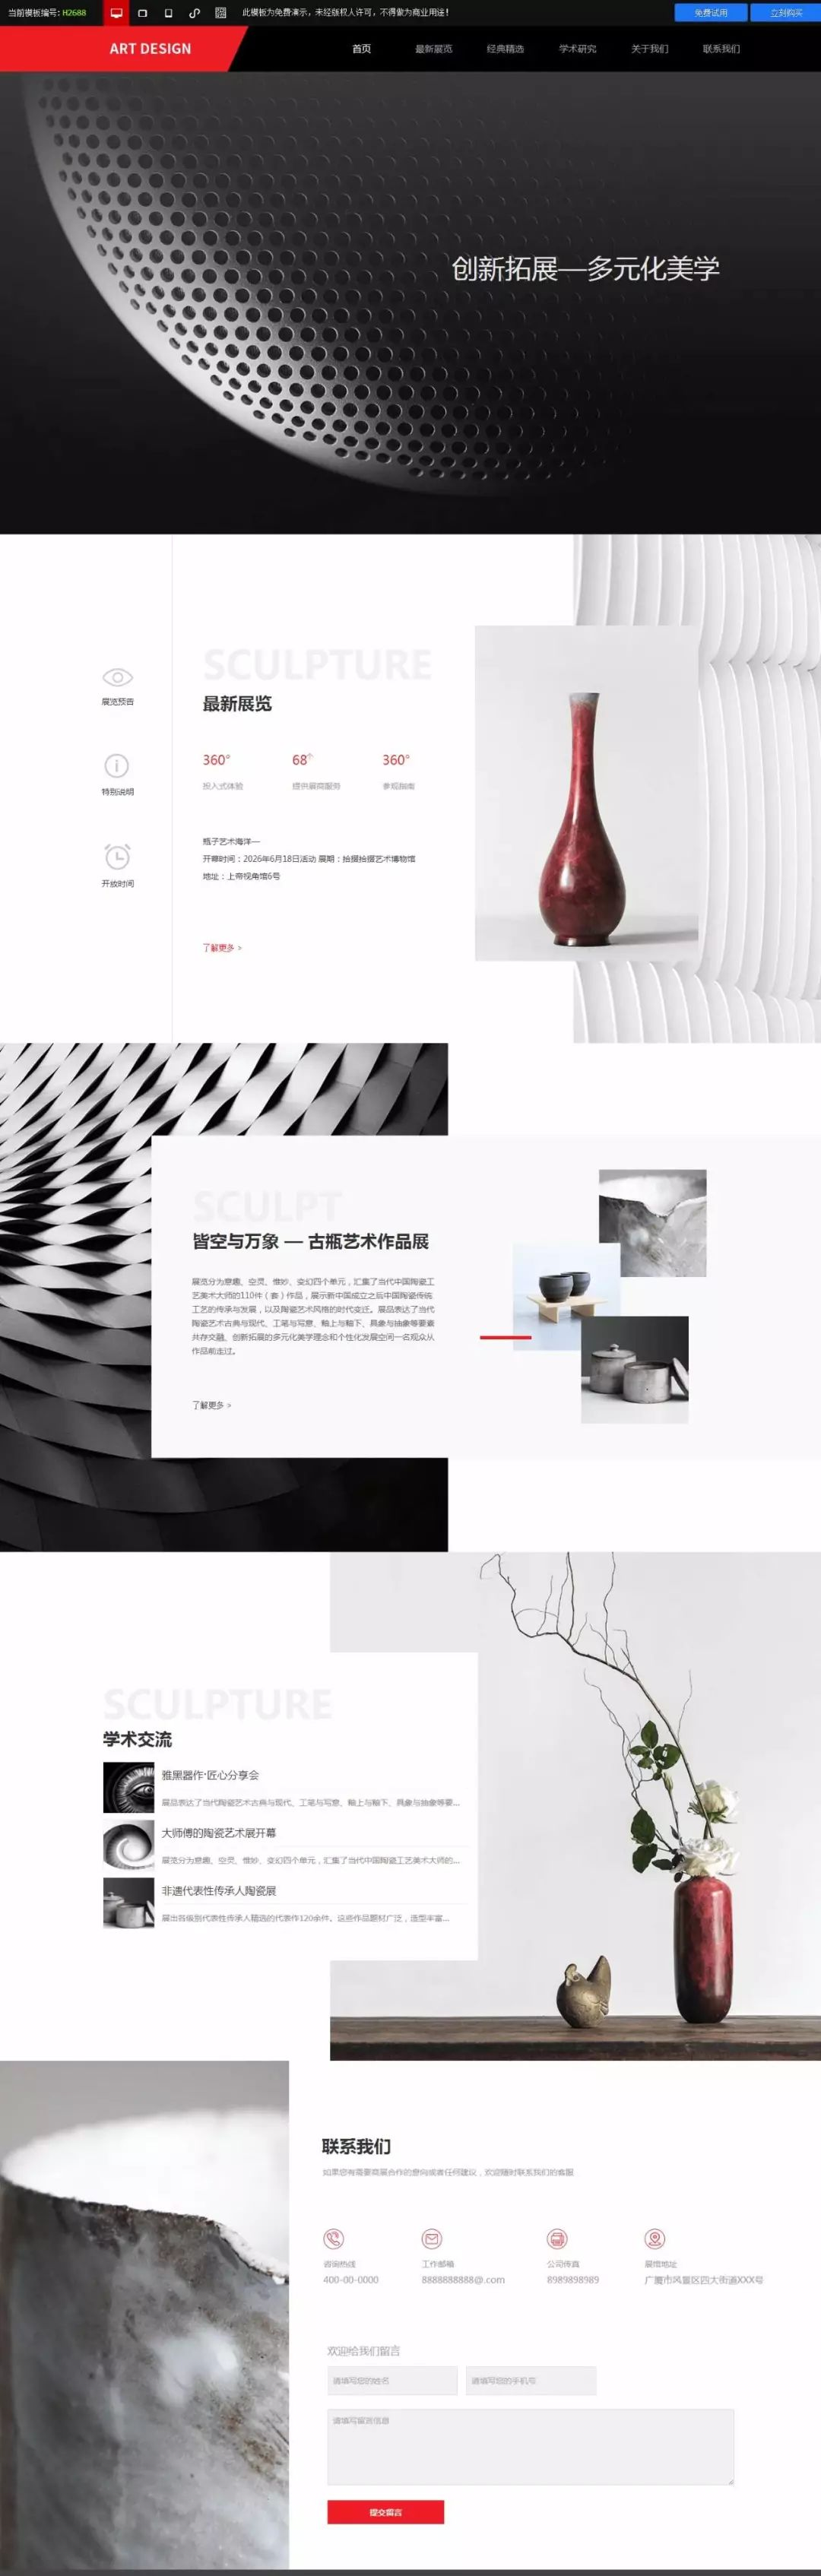 文化艺术网站